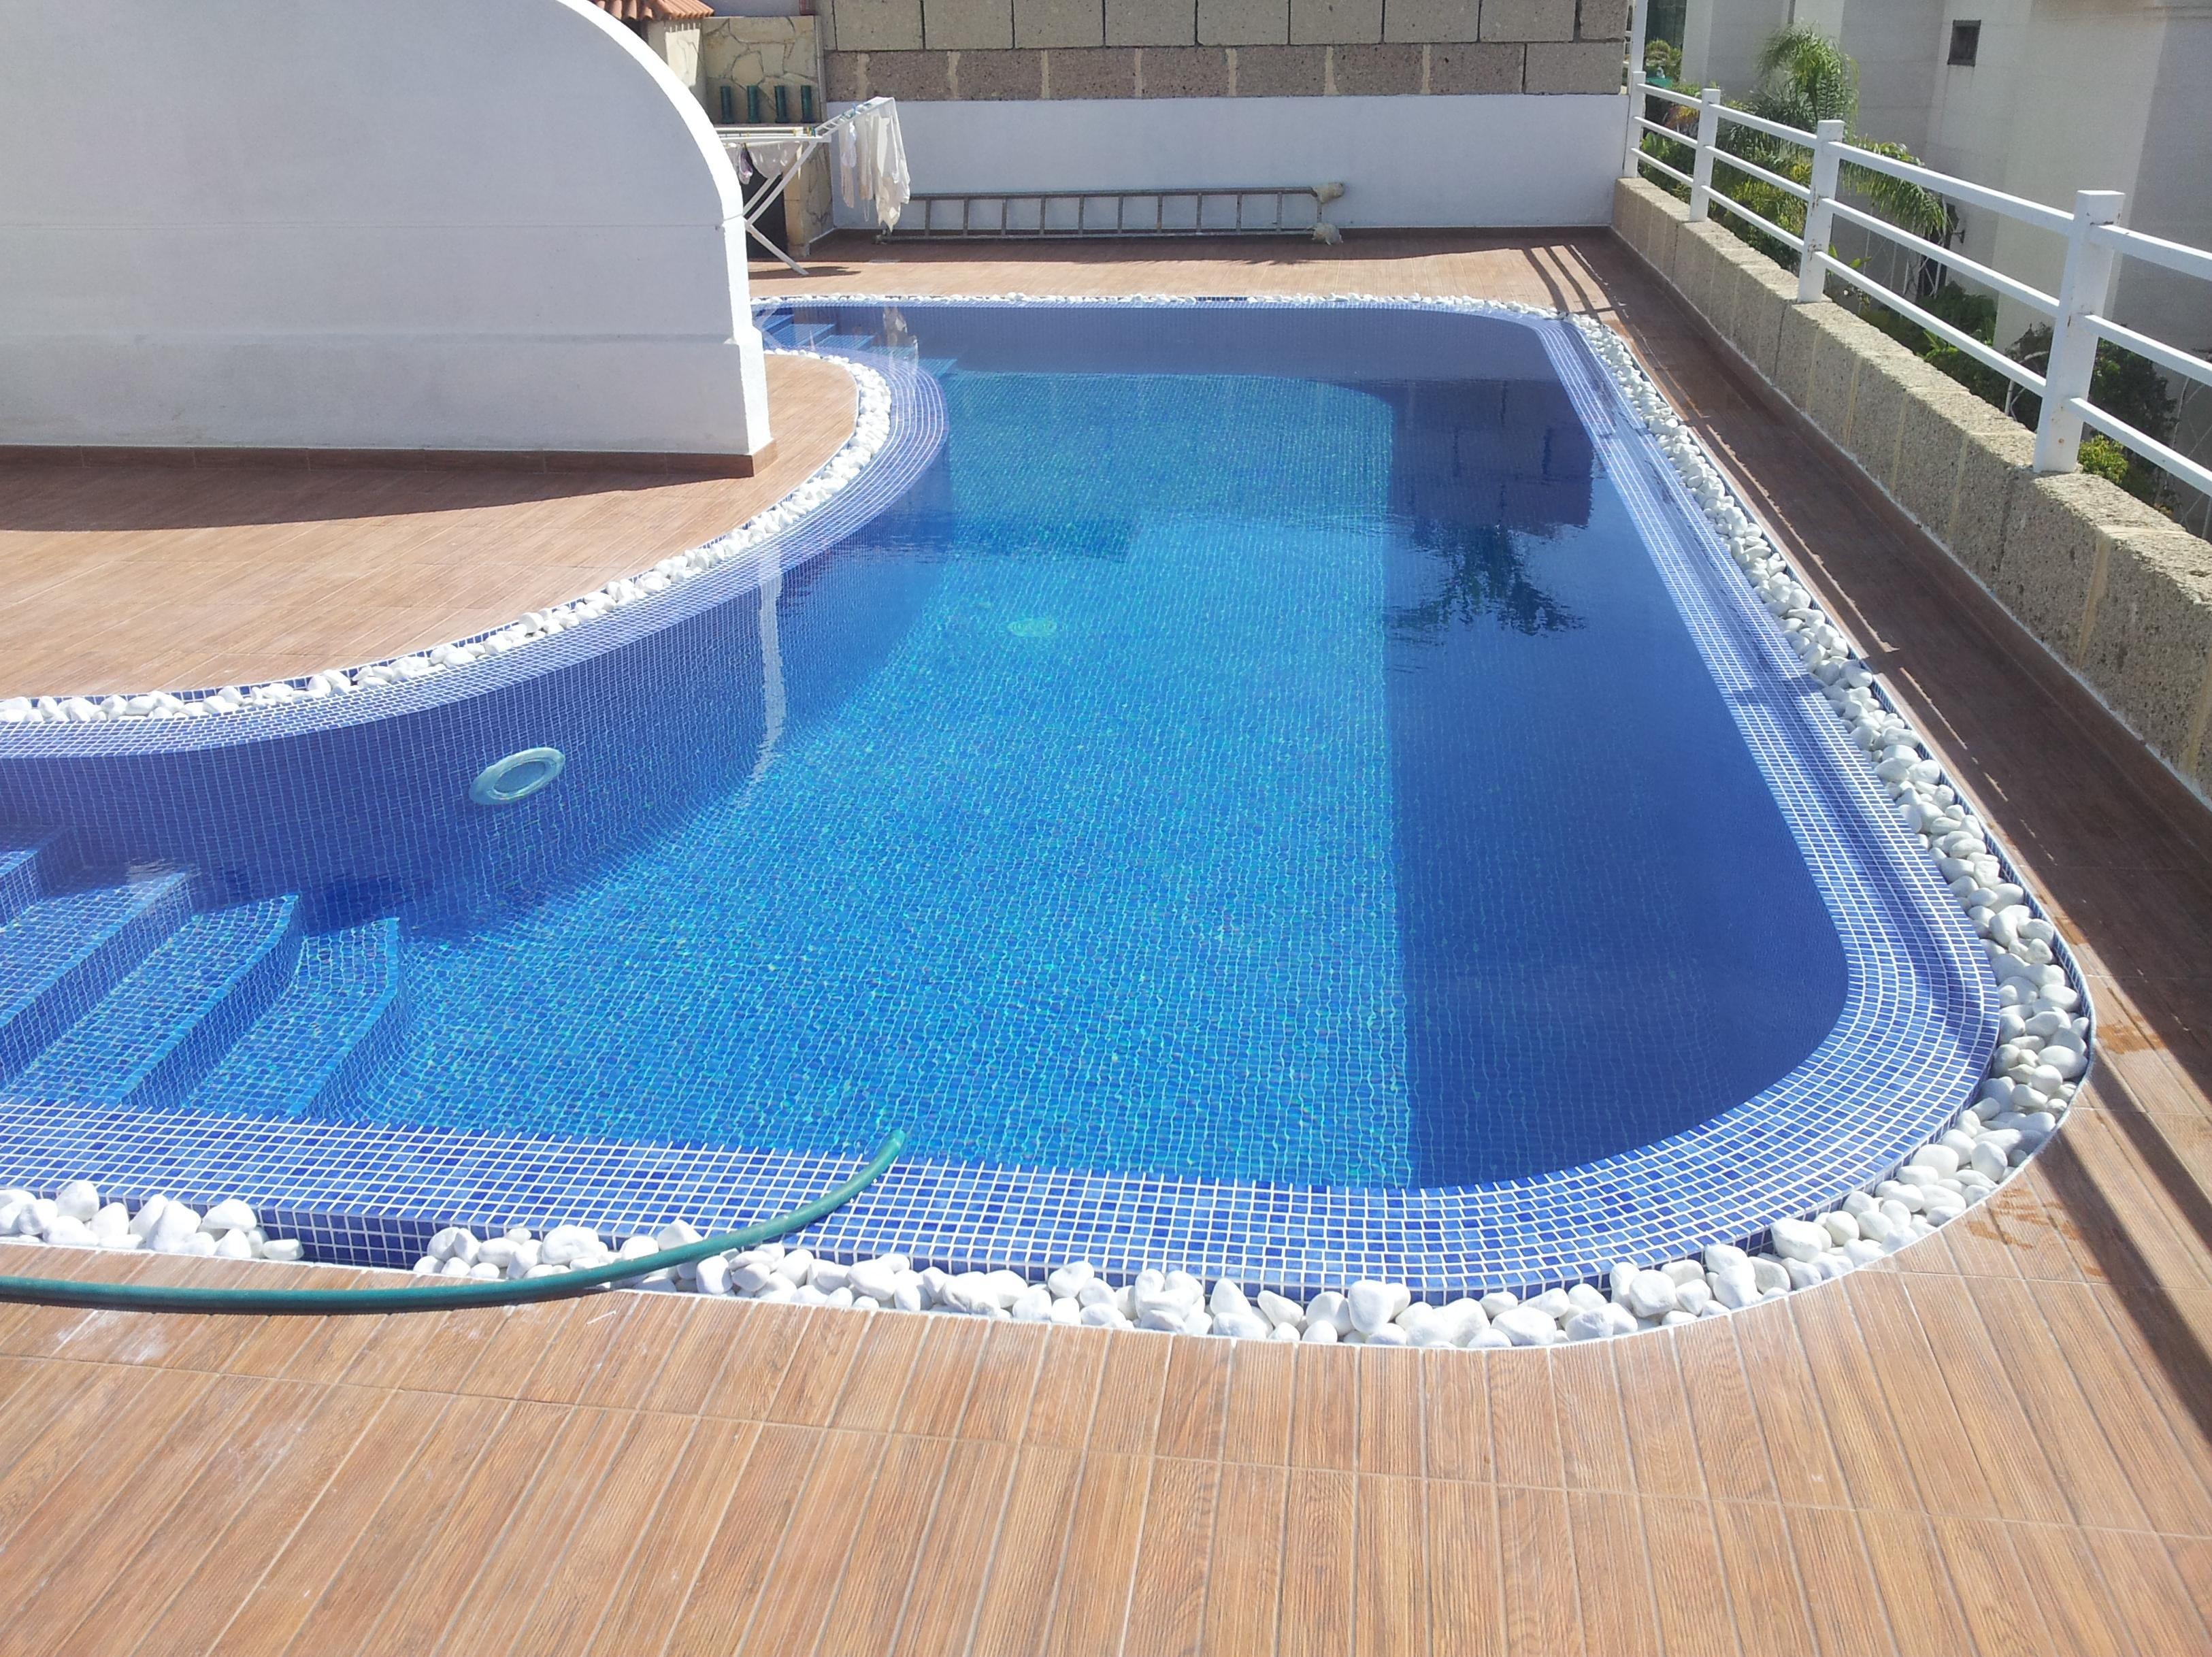 Cubierta de piscinas precios simple presupuesto y precio for Cubierta piscina precio